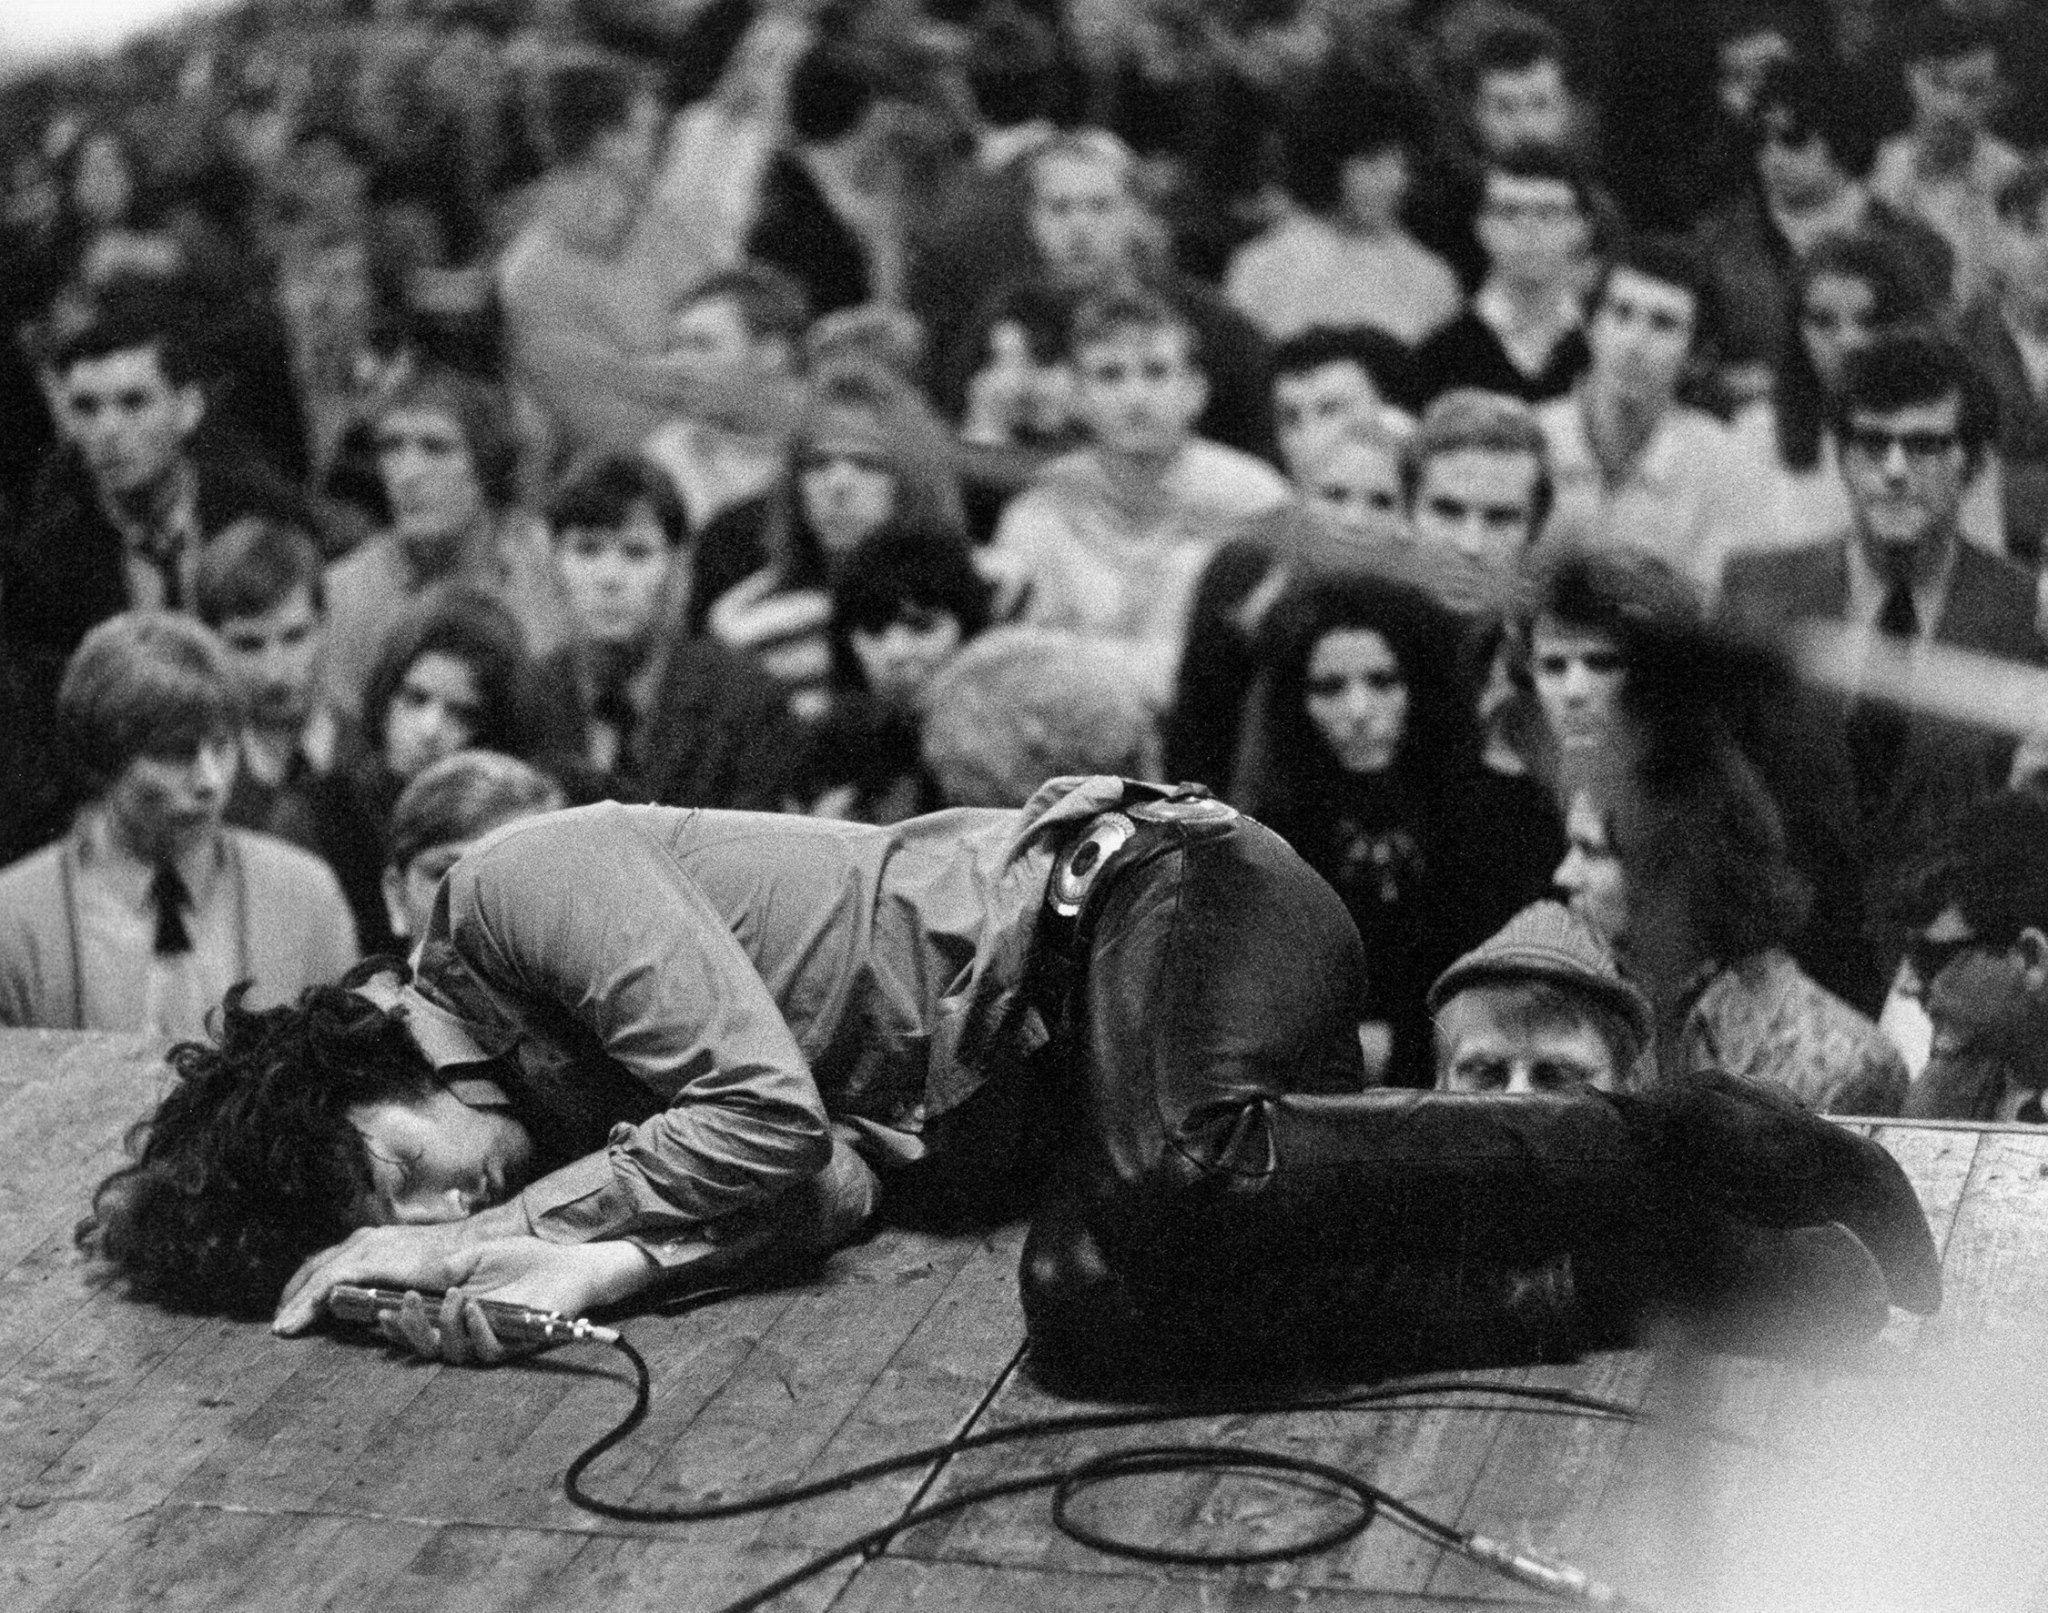 september 15 1968 jim morrison collapses during jefferson